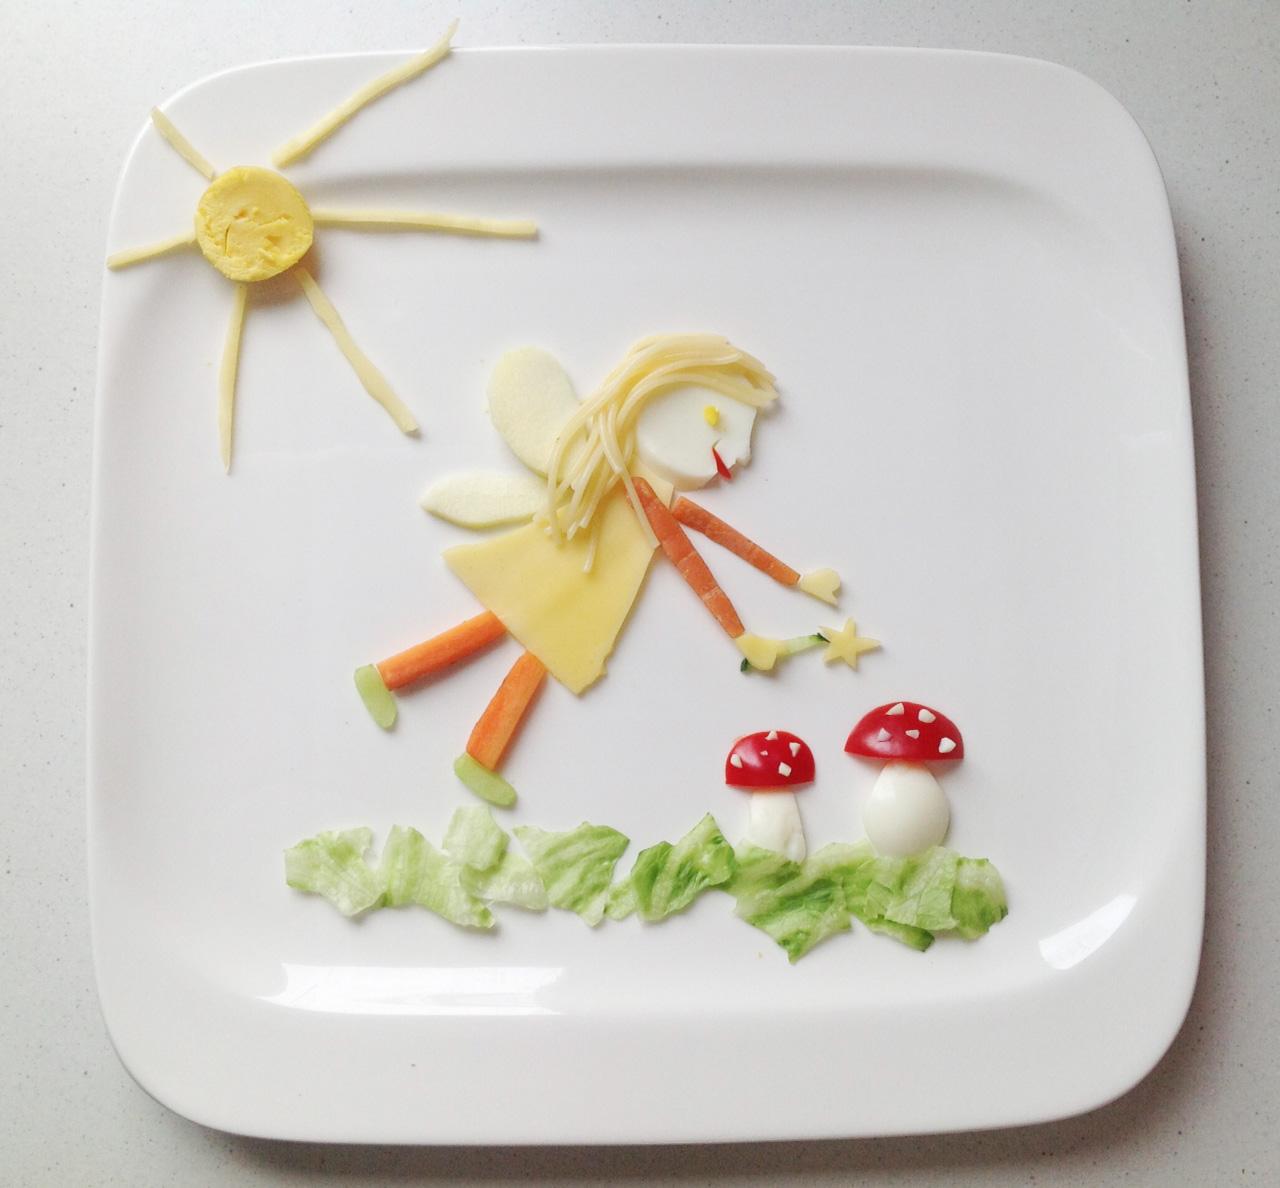 Mein Meisterwerk. Eine Fee. Mit viel Liebe und Zeit geschnitzt. Pilze aus Ei und Paprika, ansonsten: Apfel, Karotte Salat, Käse Gurke. Und ja - ich habe extra drei Spaghetti für die Haare gekocht.